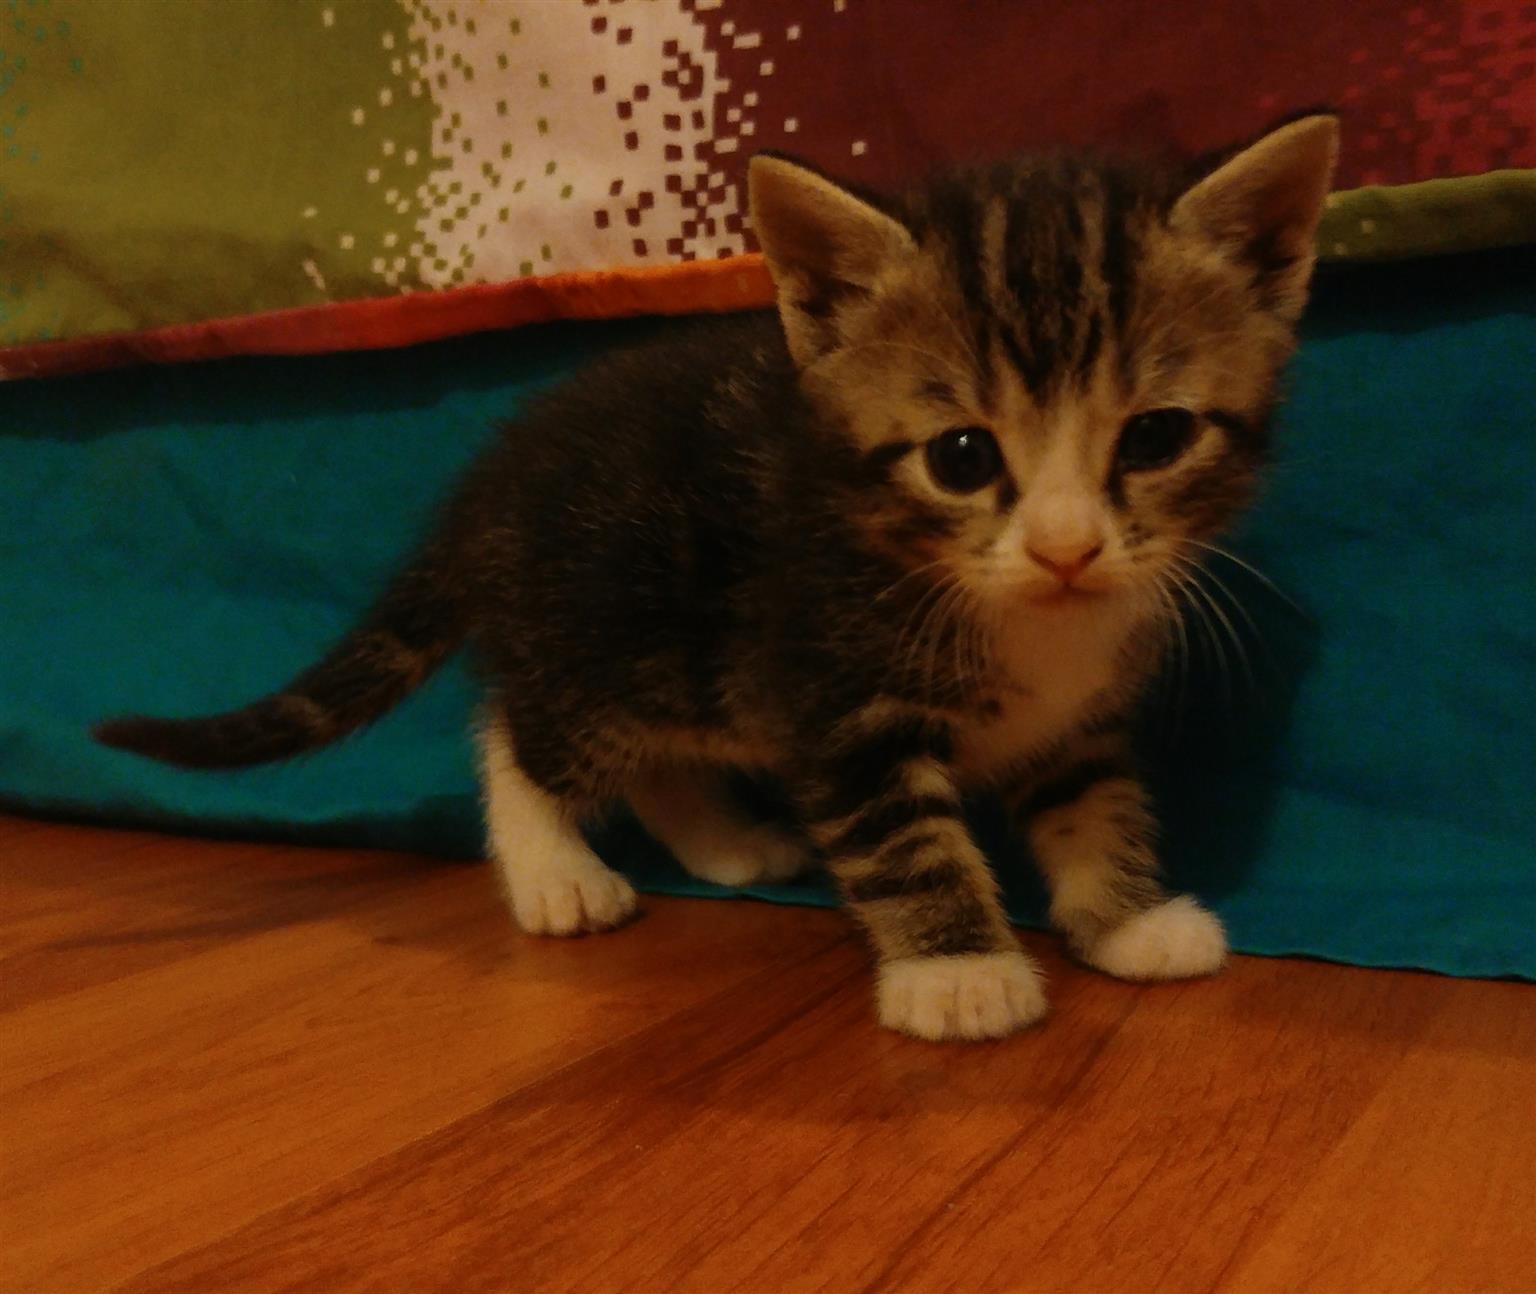 Adorable kittens 6 left